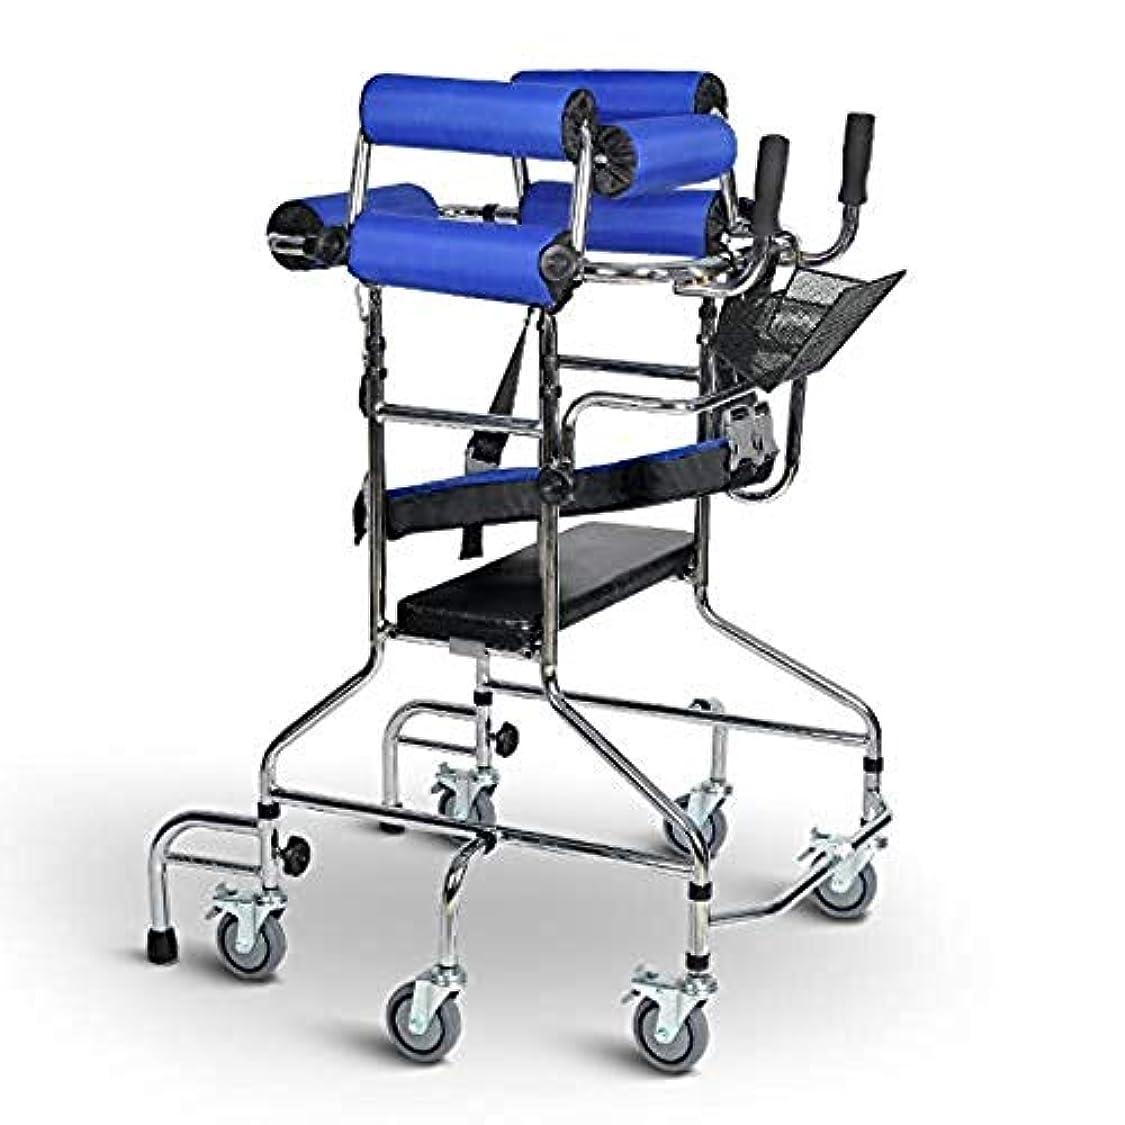 電圧大きい不確実滑車の大人の歩行フレームの歩行者、高齢者の歩行者の訓練装置は下肢の歩行フレームを助けました